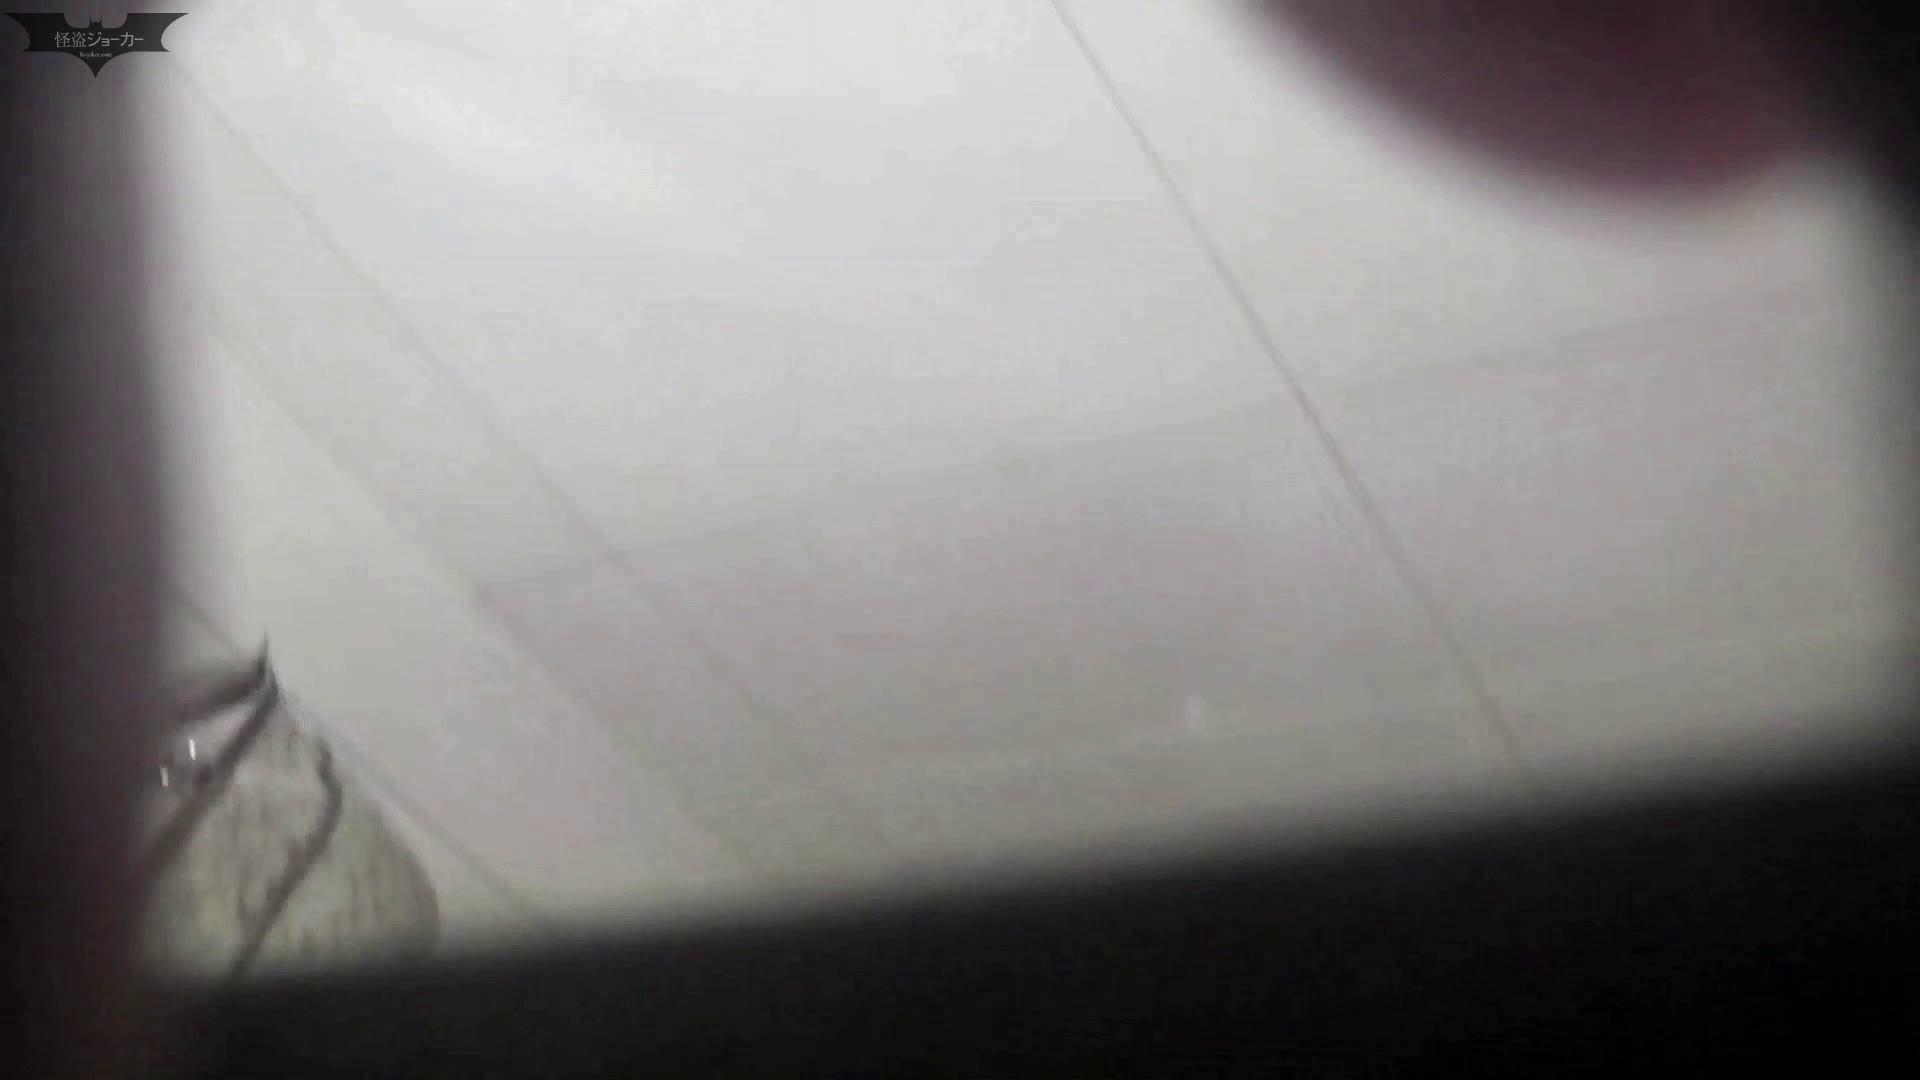 新世界の射窓 No62驚愕!!とんでもないものが出ている 丸見えマンコ | 高画質  113画像 24